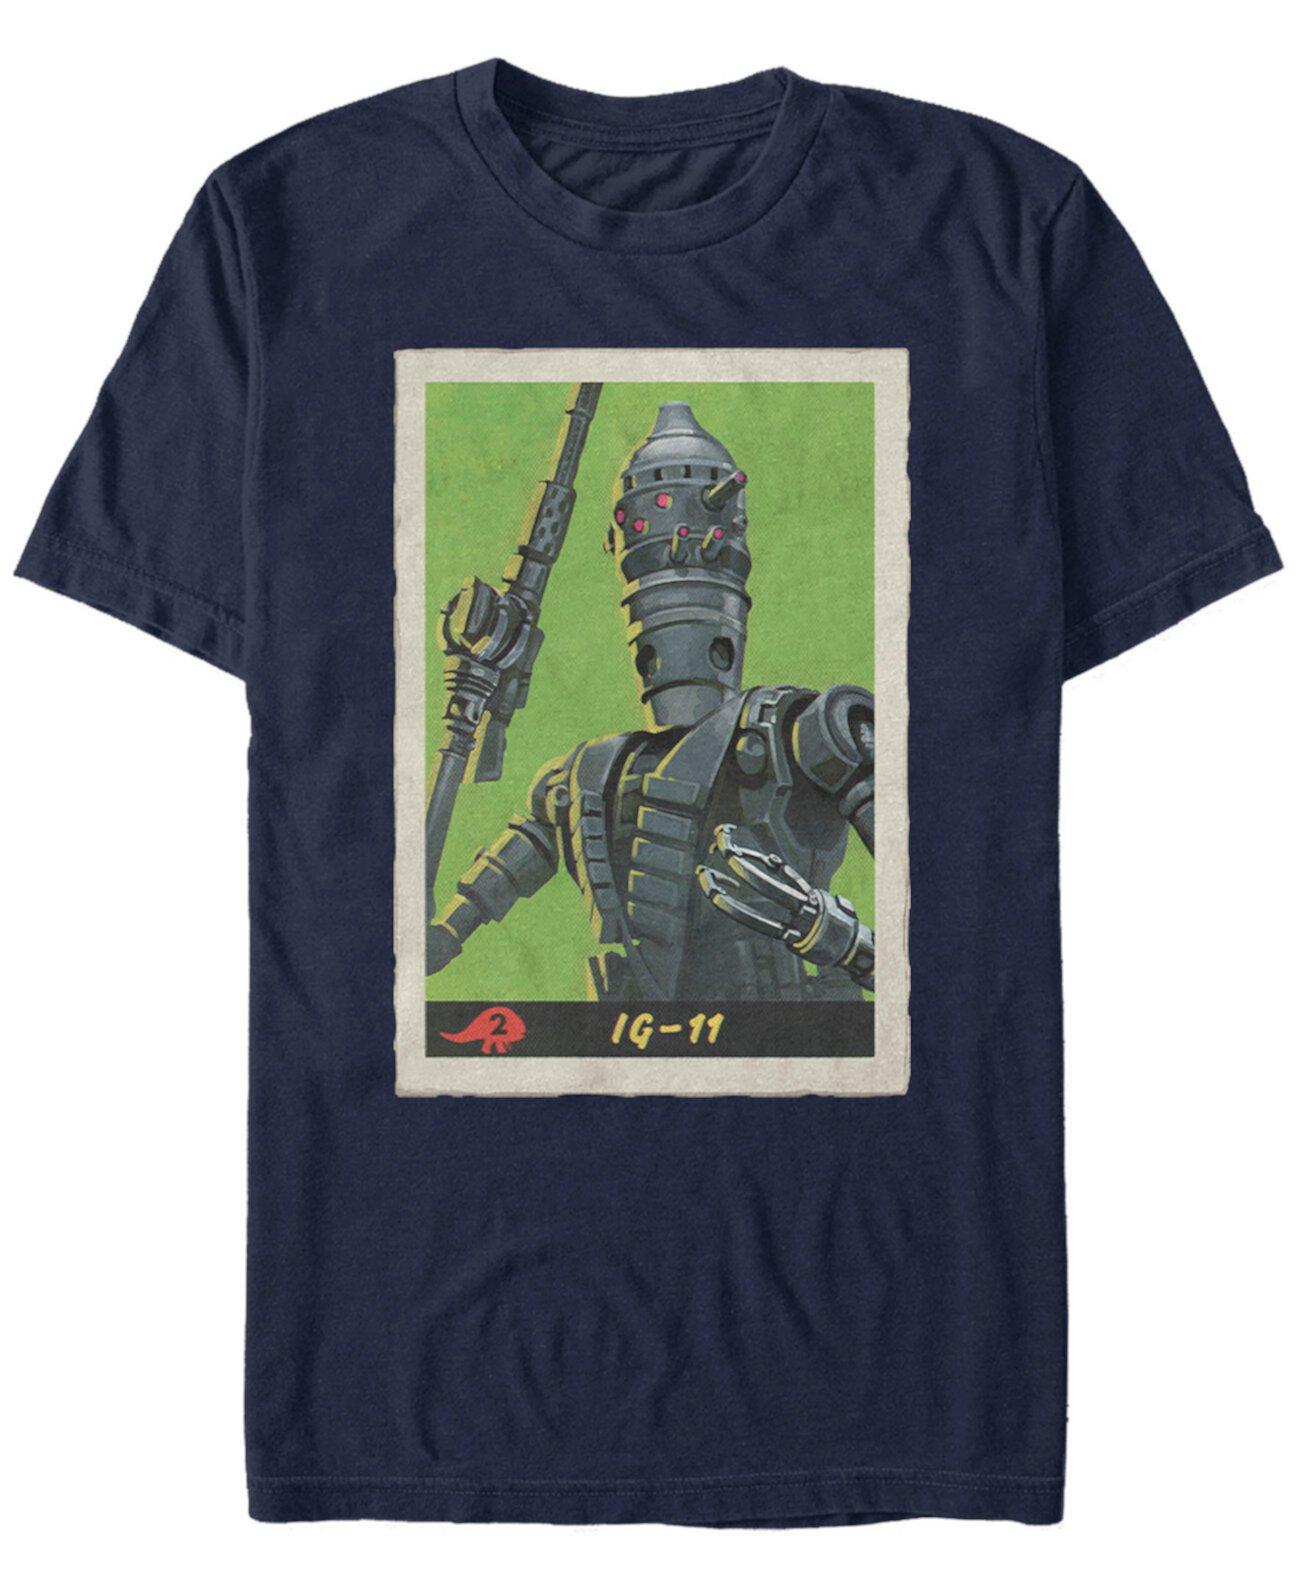 Мужская футболка Mandalorian Retro IG-11 с плакатом Star Wars